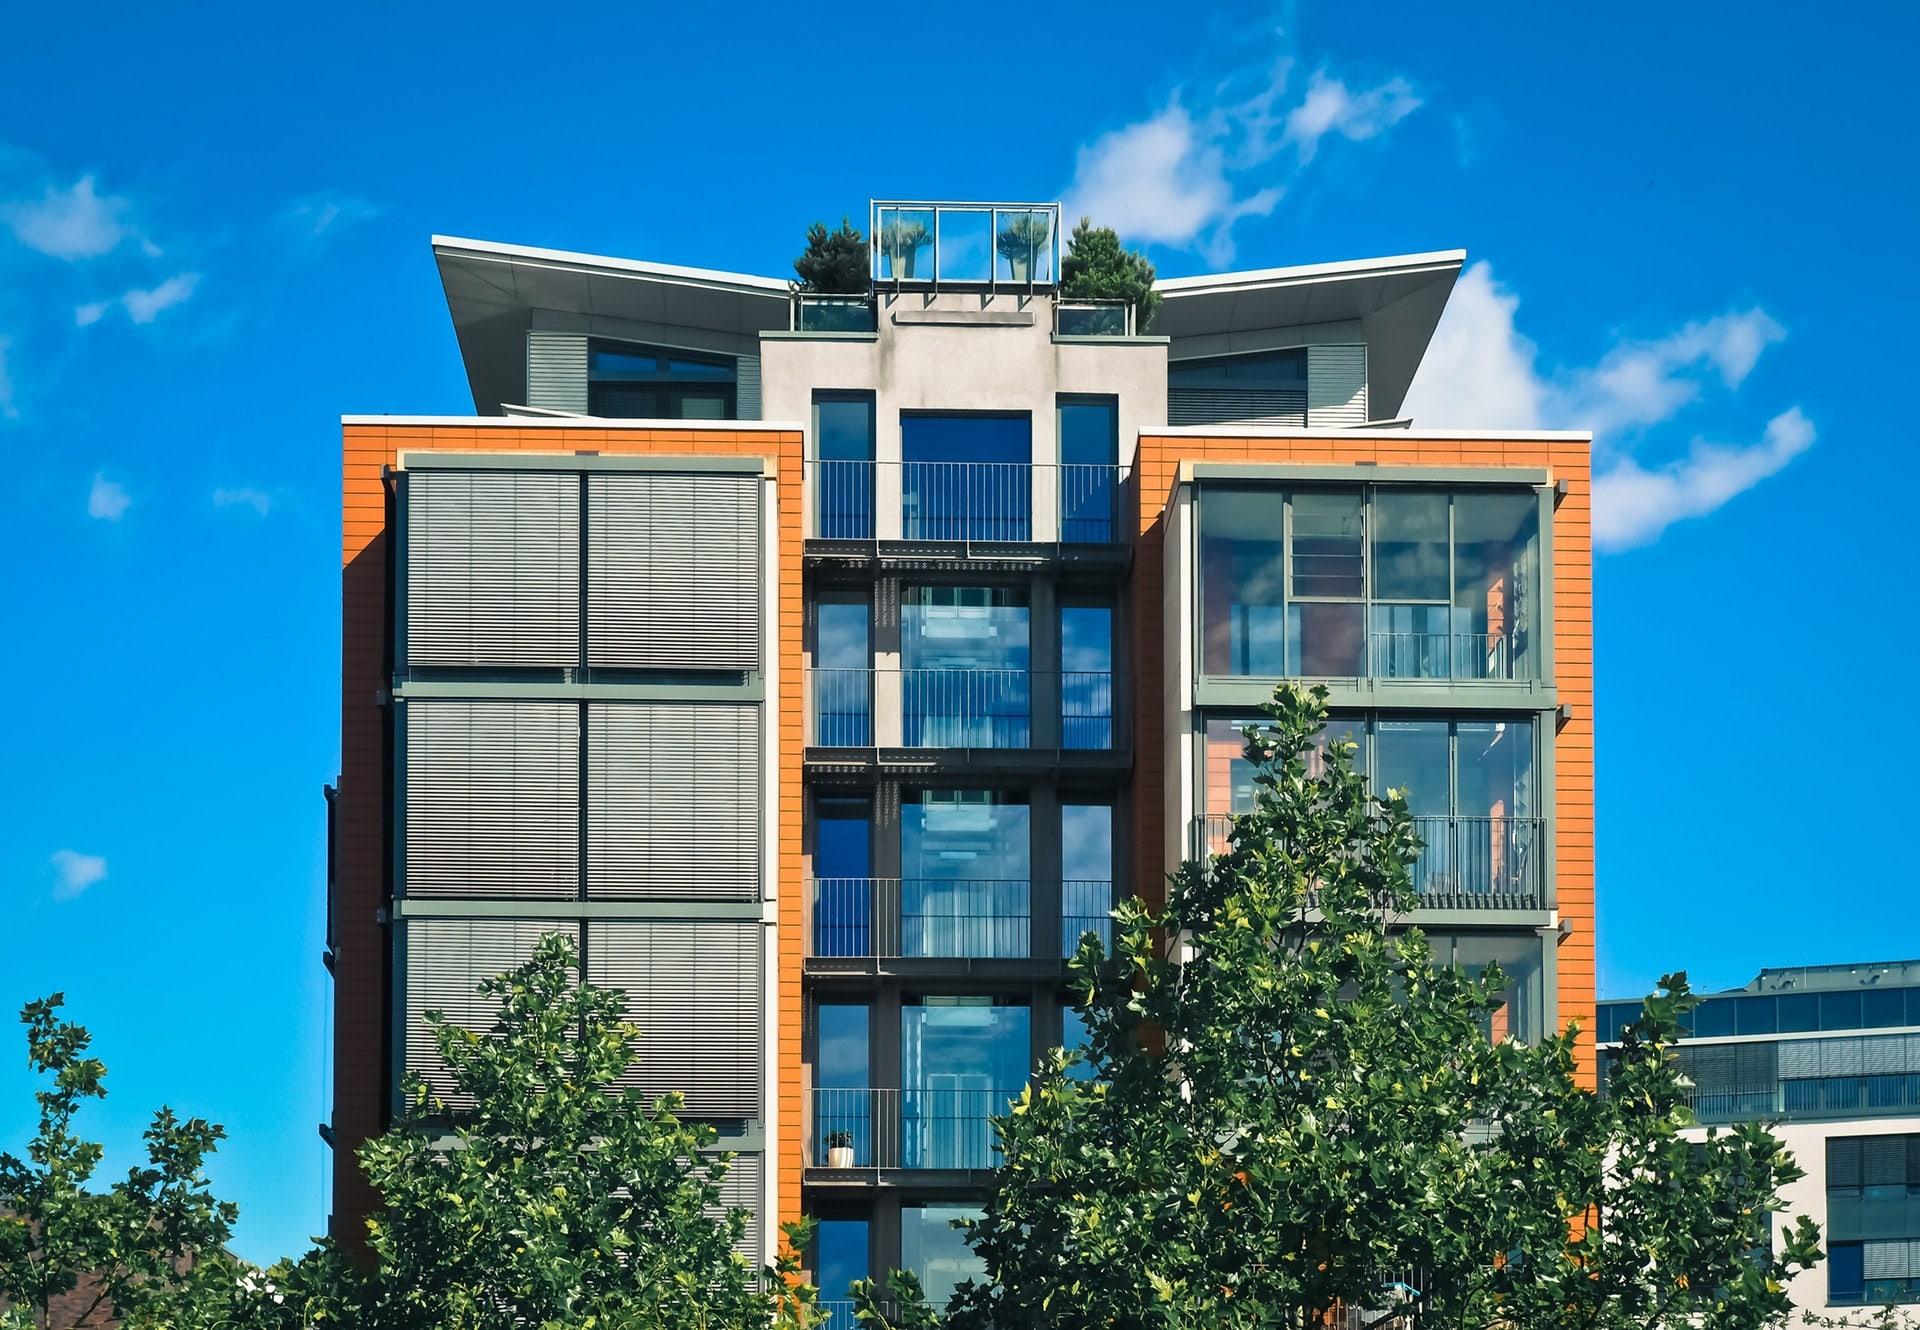 Государственная регистрация права собственности на объект недвижимого имущества коммунальной собственности